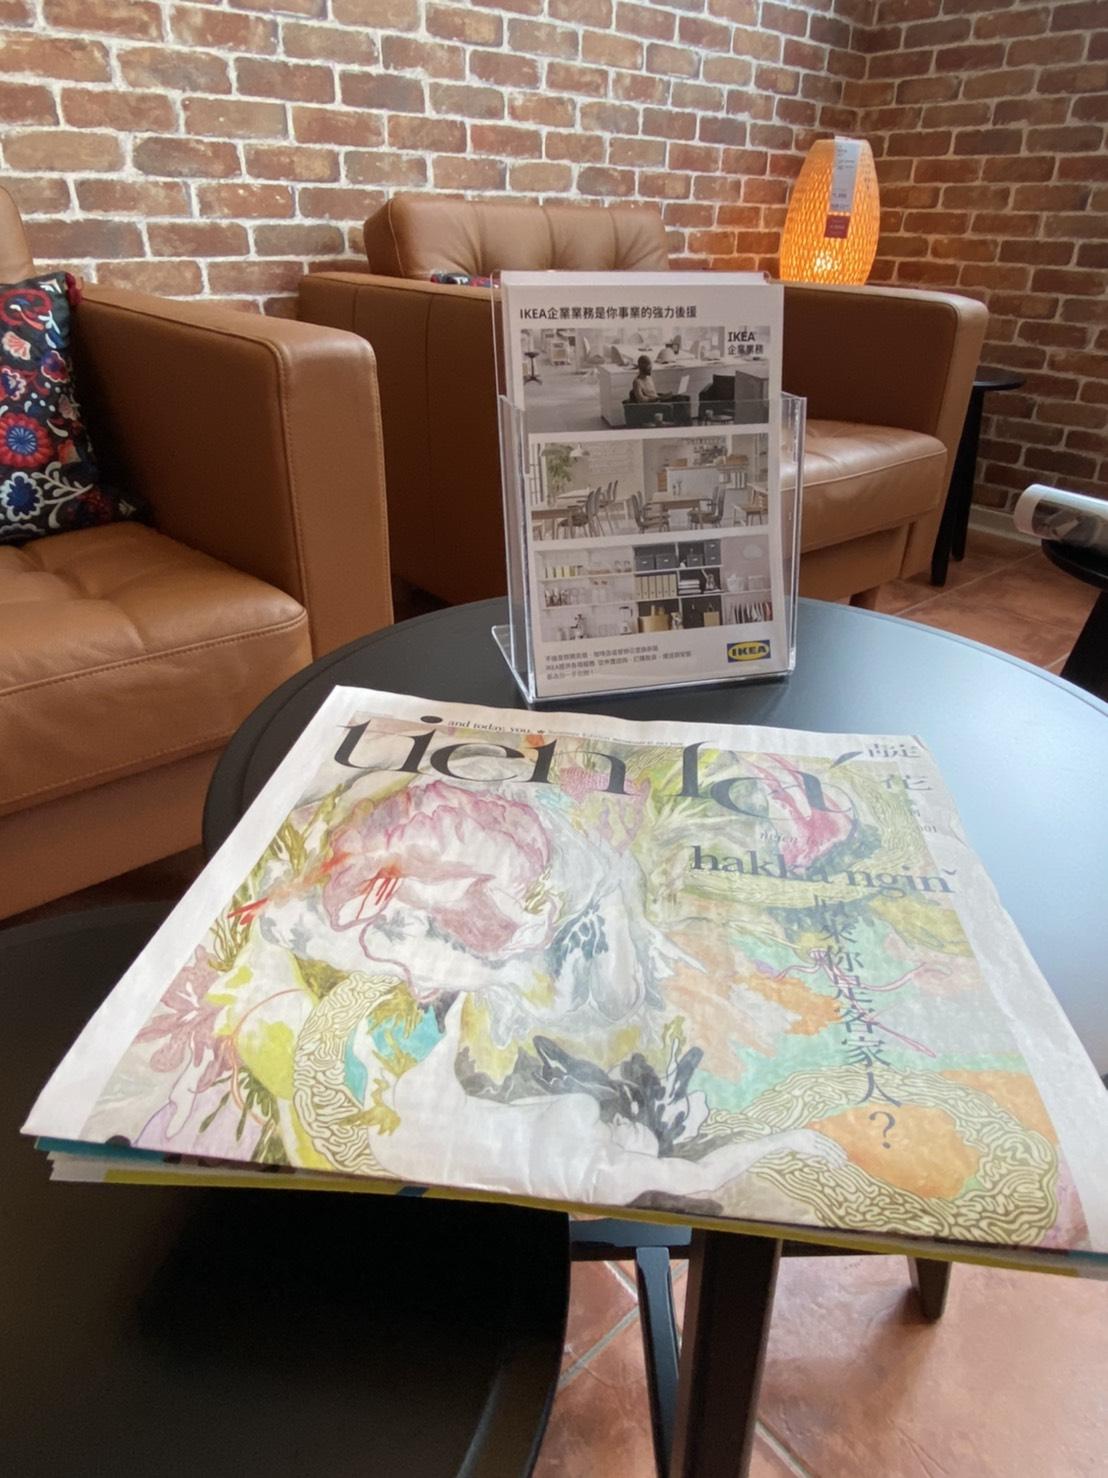 IKEA全國唯一客家咖啡廳  靛花雜誌襯托客家全新美學